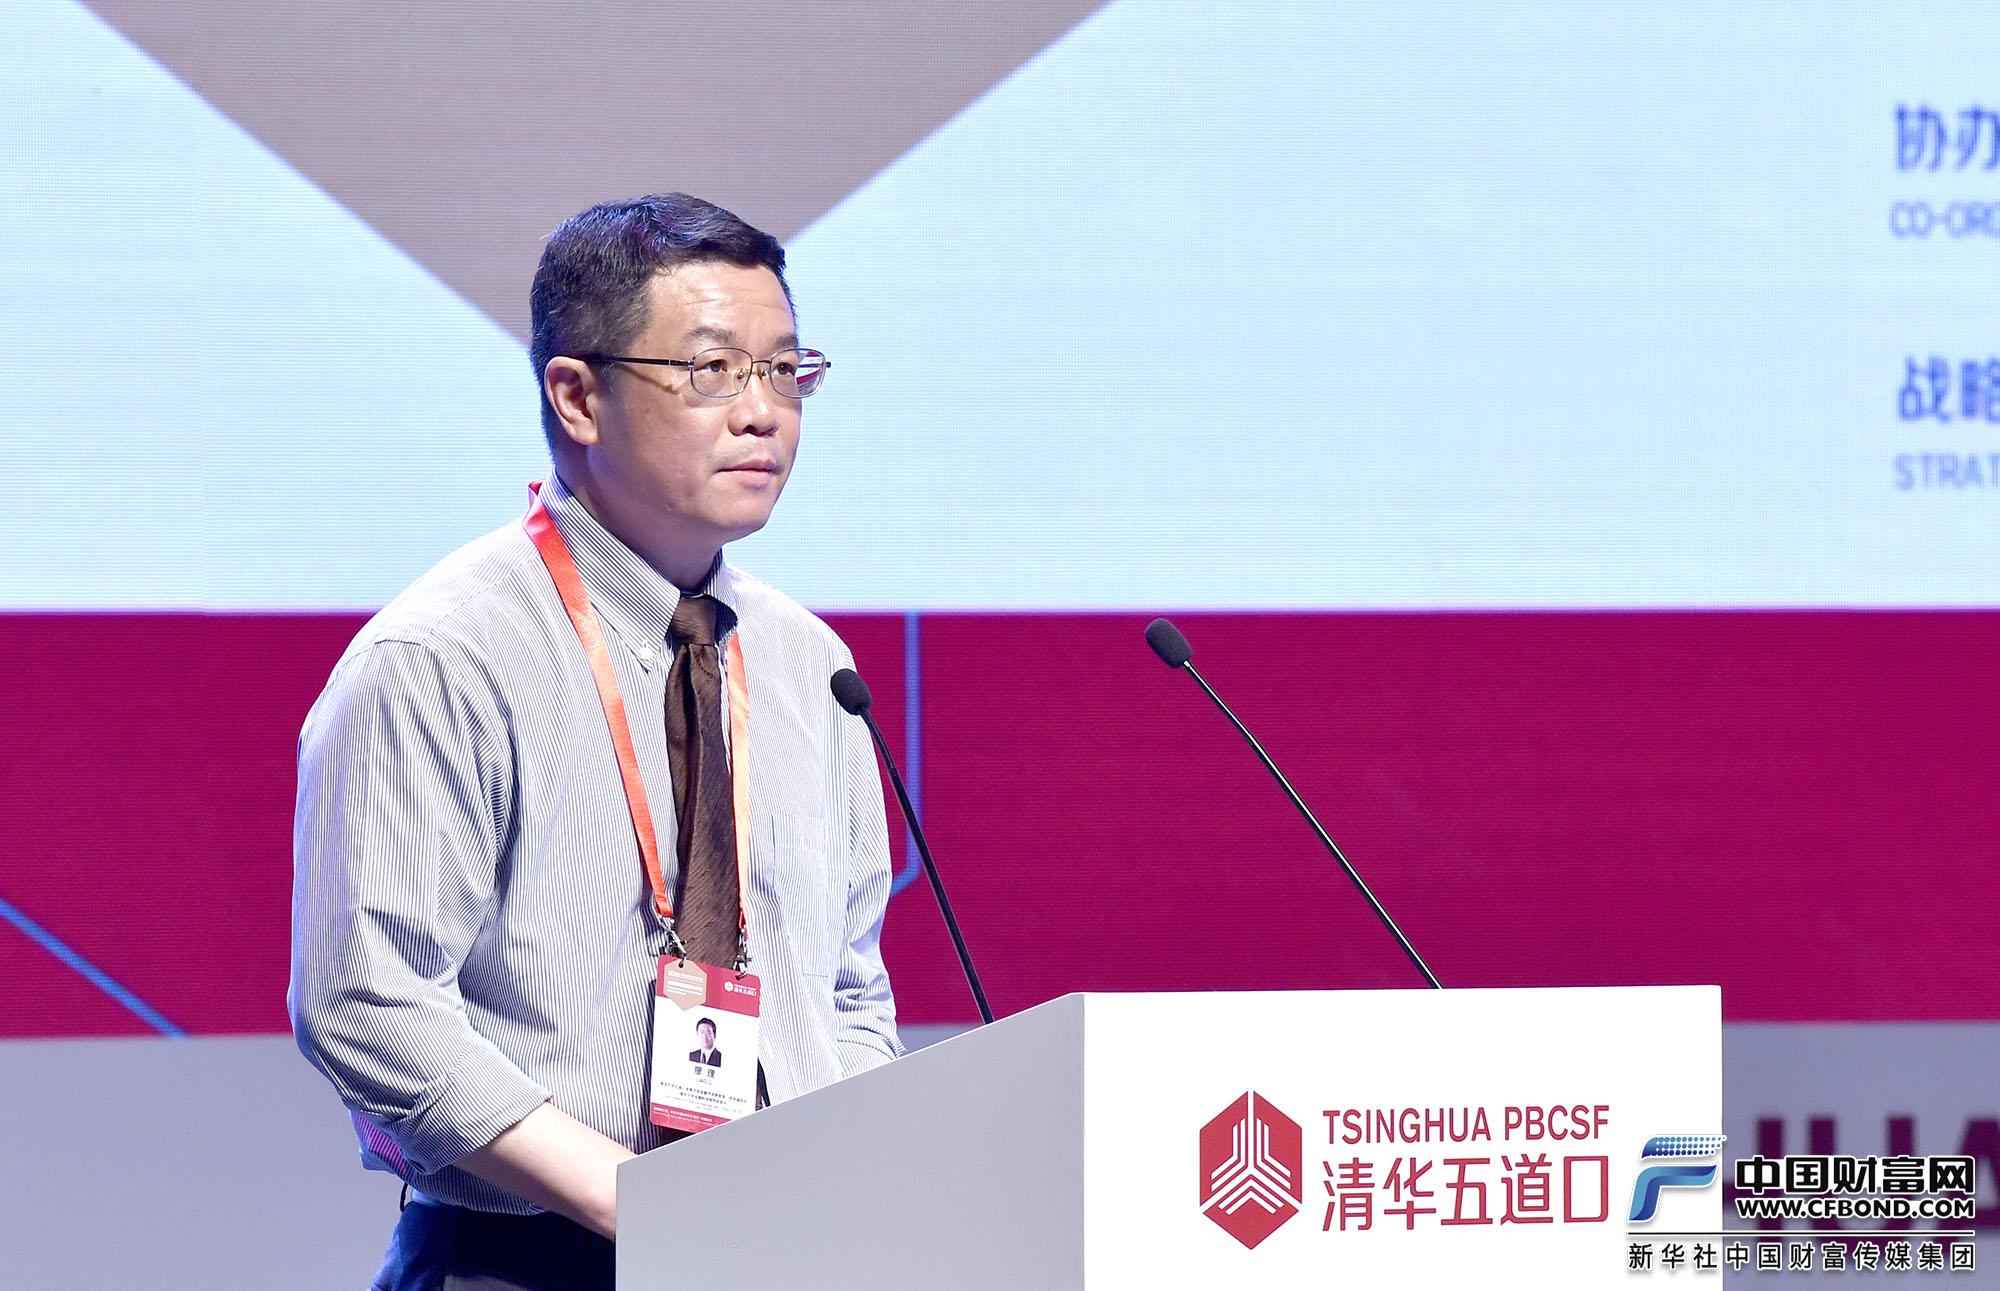 廖理:金融和技术的融合对金融人才的培养提出更高要求